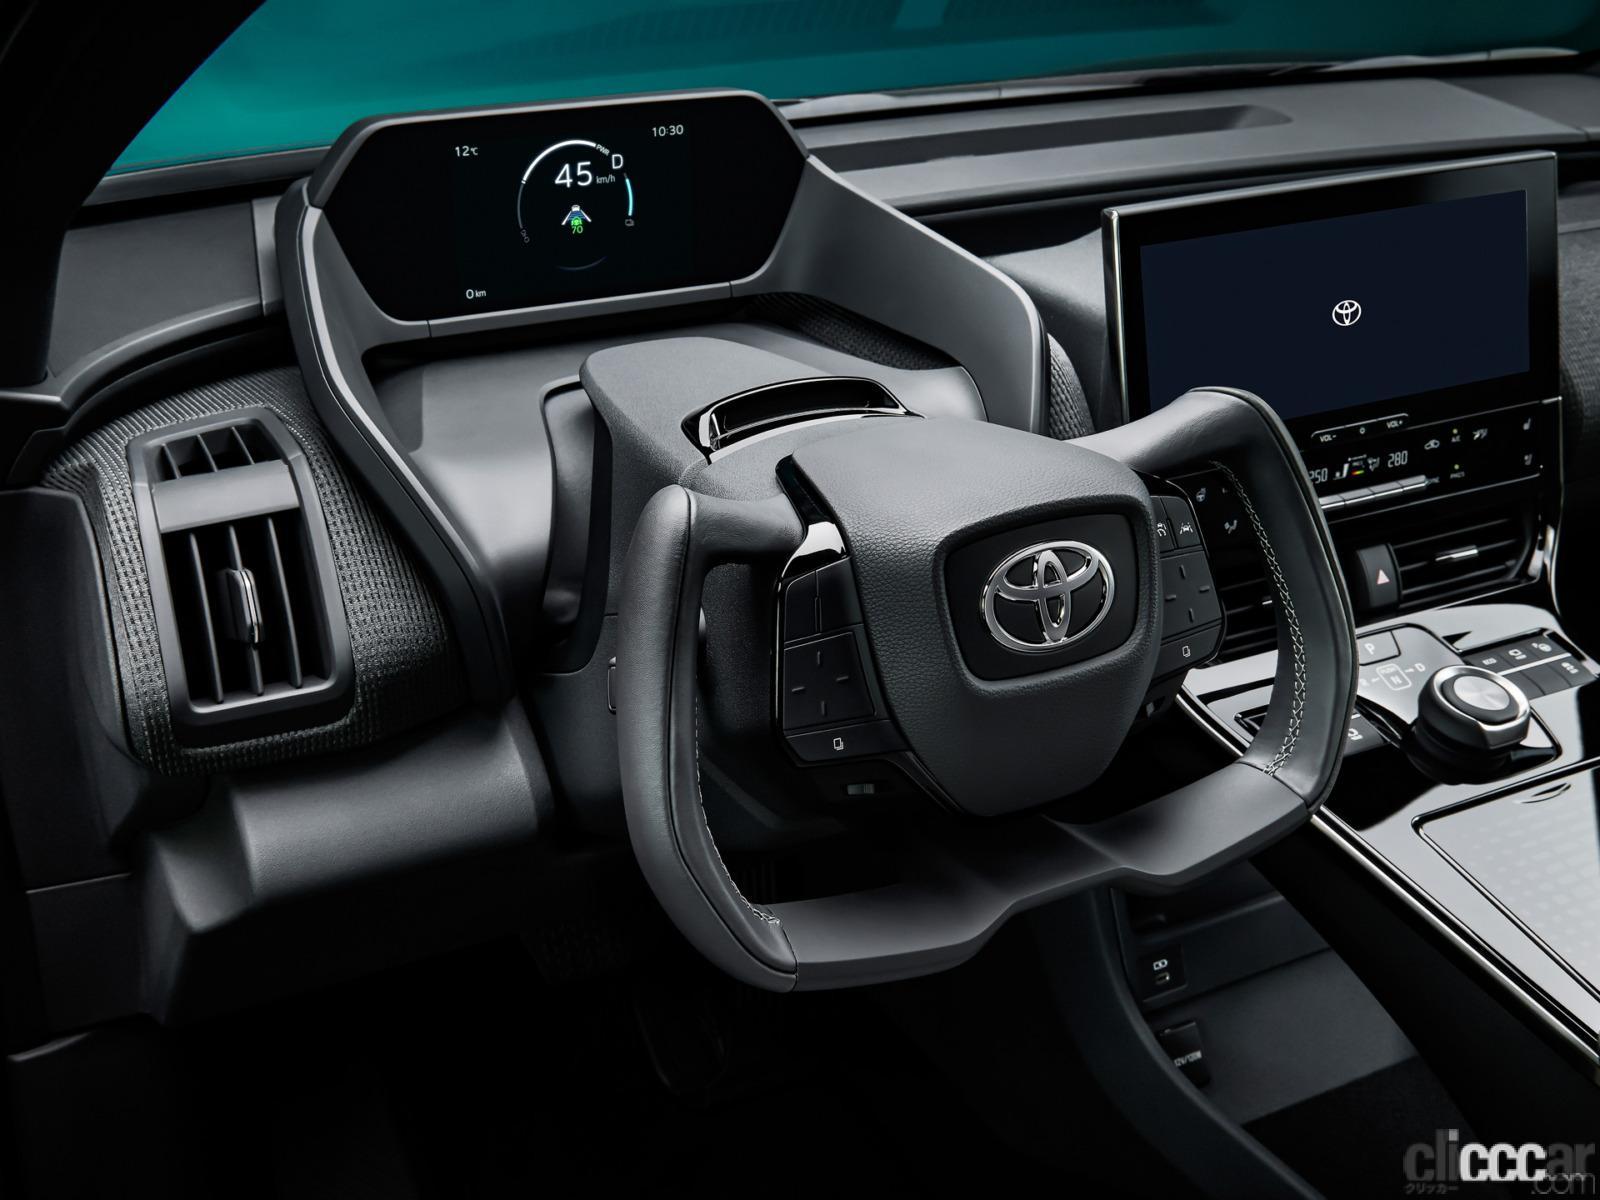 「トヨタ2022年発売の電気自動車「bZ4X」は10年後でも電池容量90%確保!EVのリセールバリューは悪くなくなる【週刊クルマのミライ】」の1枚目の画像